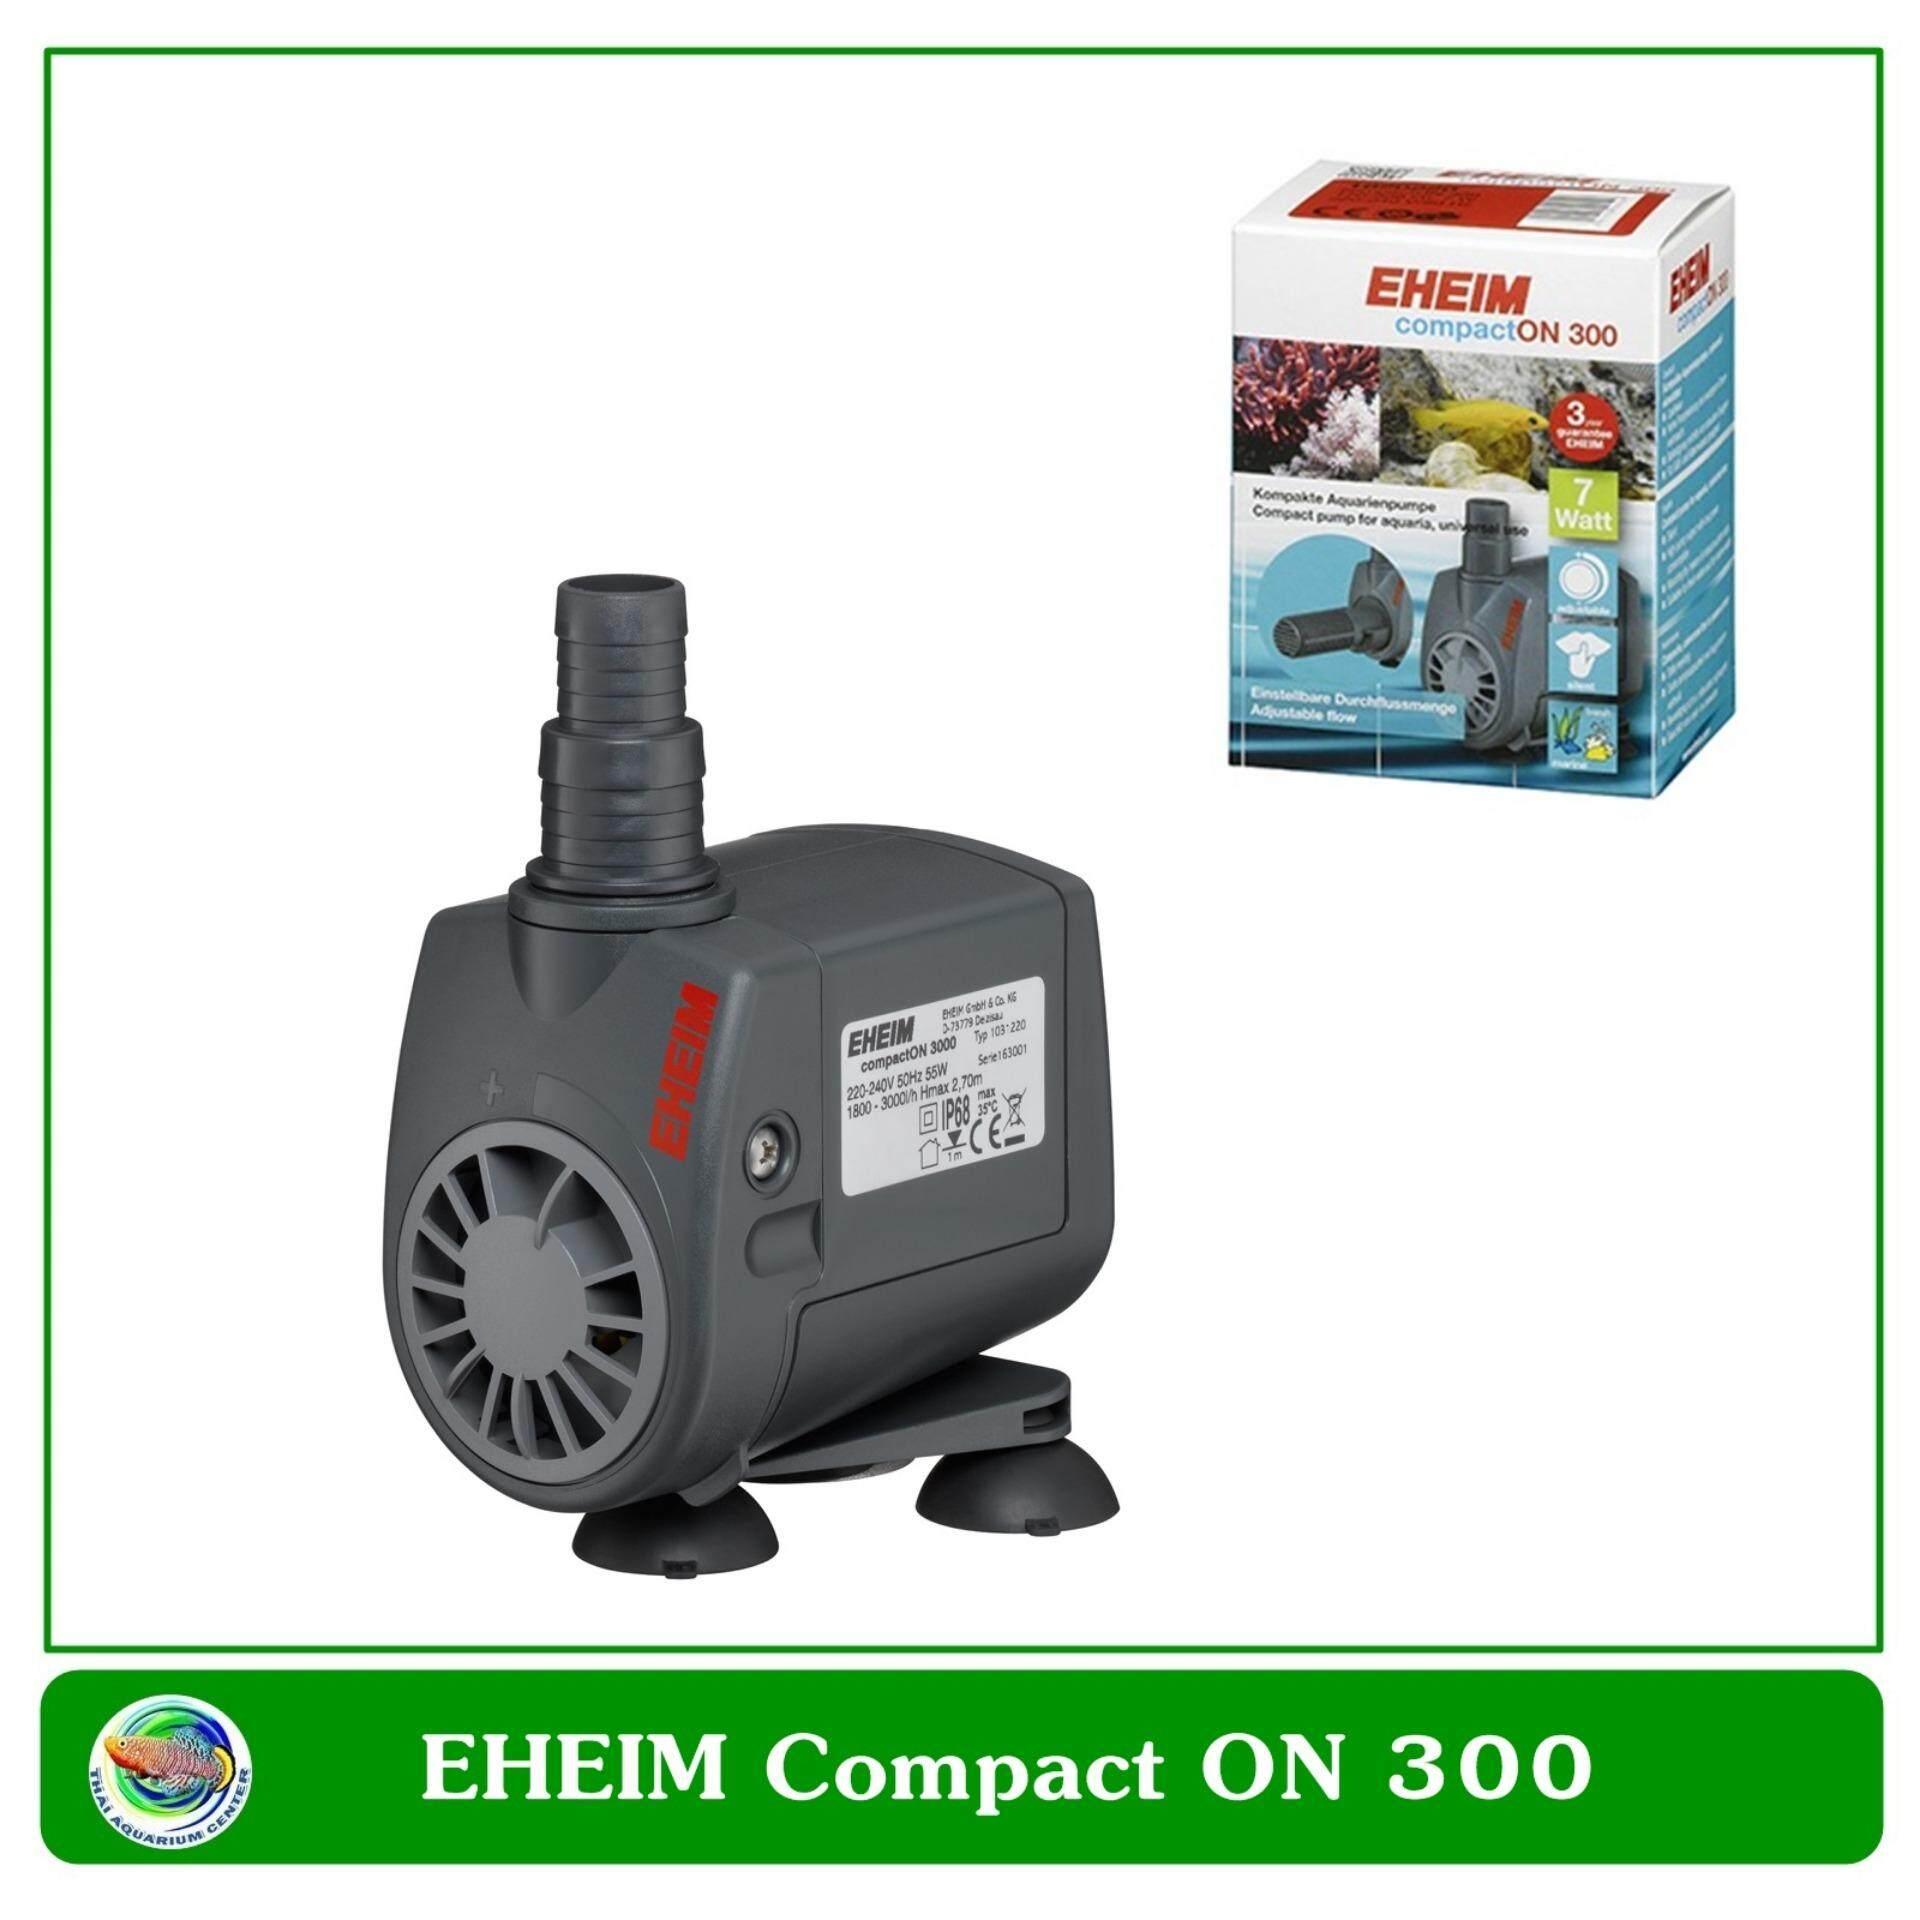 ปั้มน้ำ Eheim Compact ON 300 ปั๊มน้ำแรงดี เสียงเงียบ ปรับความแรงได้ ผลิตจากประเทศเยอรมัน รับประกัน 3 ปี